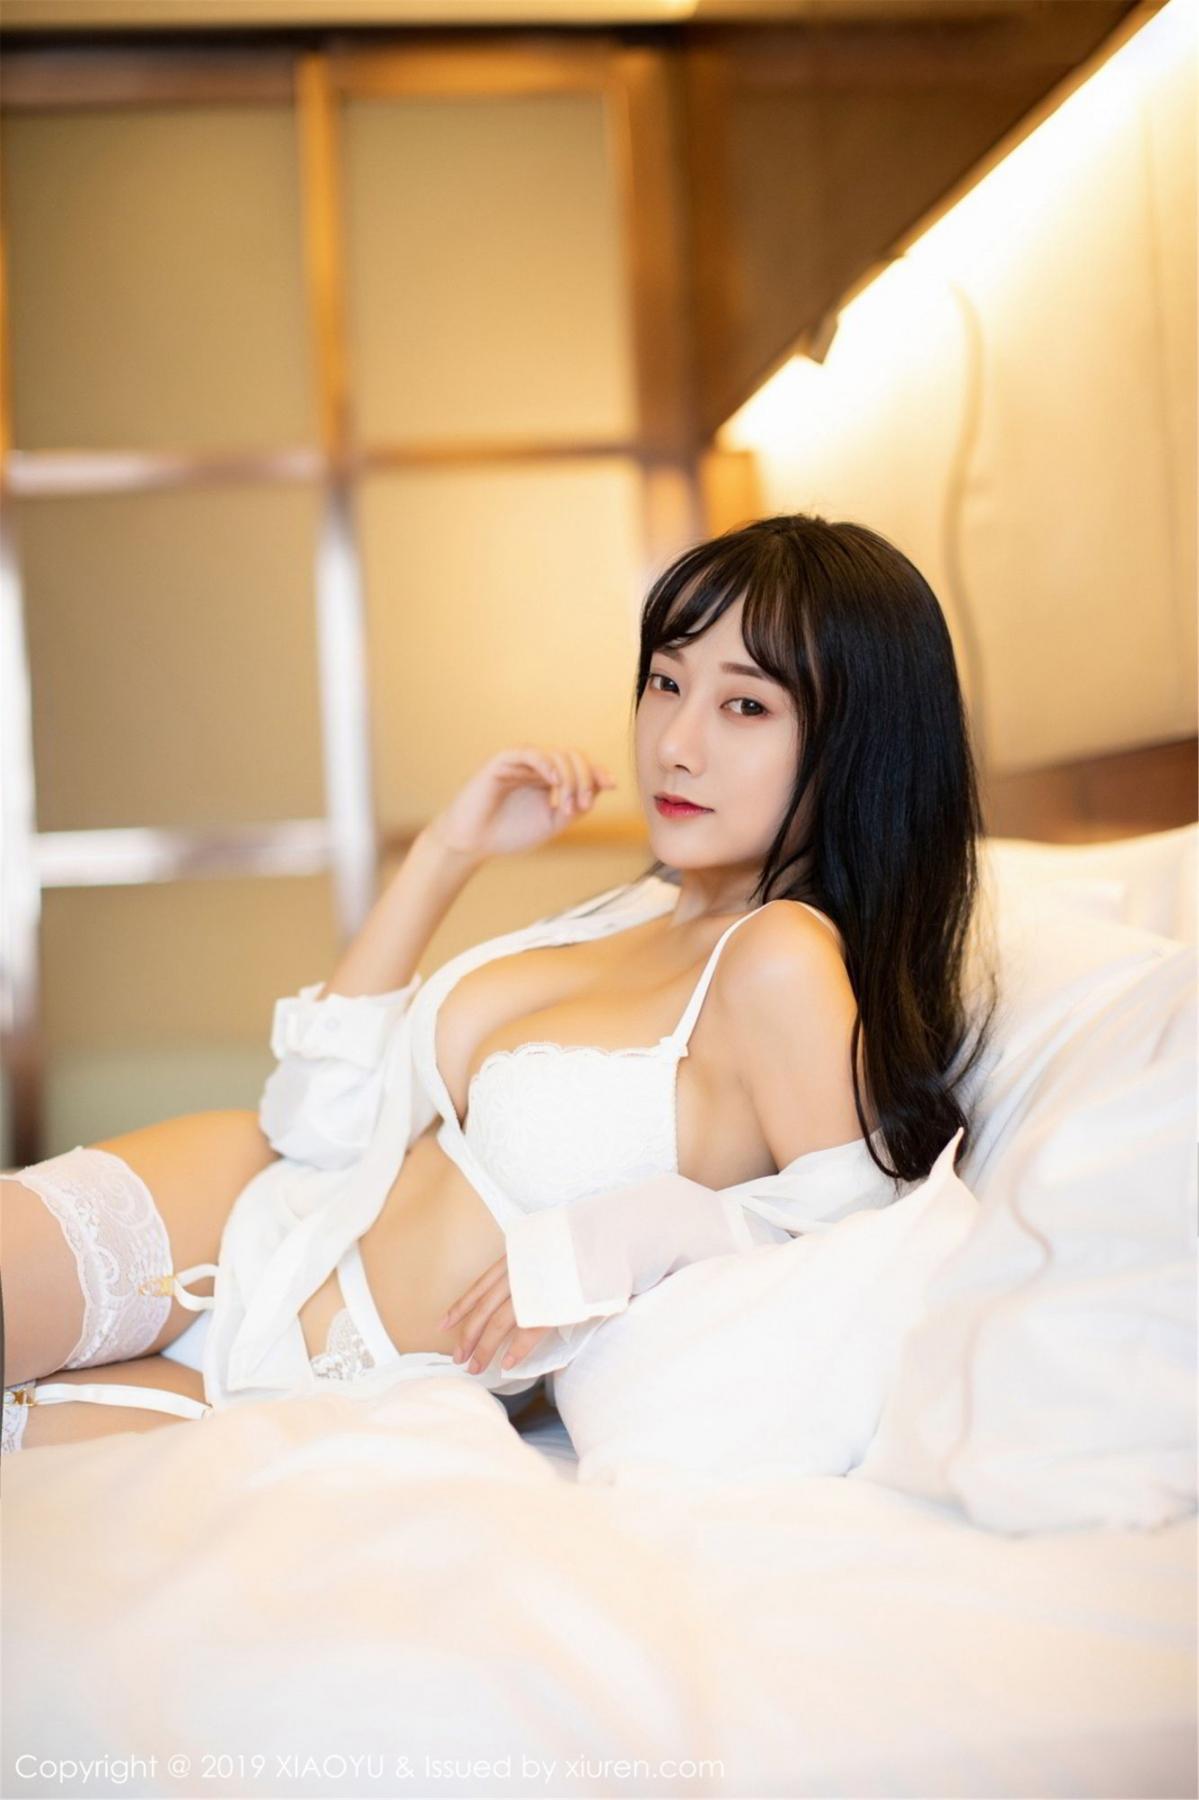 [XiaoYu] Vol.076 He Jia Ying 22P, He Jia Ying, Underwear, XiaoYu